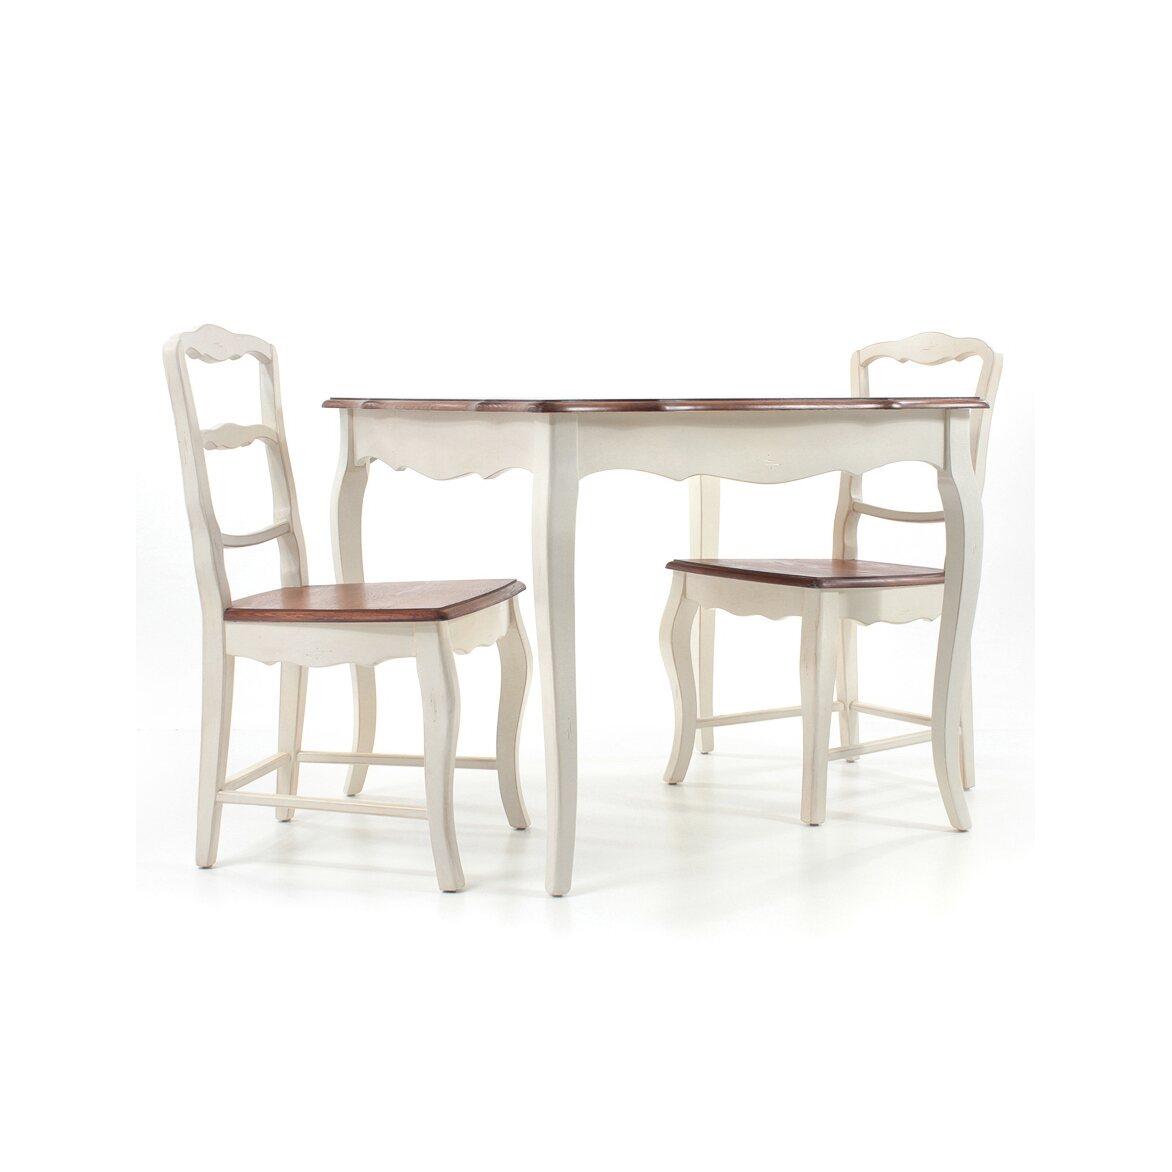 Круглый обеденный стол Leontina (малый), бежевого цвета 4 | Обеденные столы Kingsby